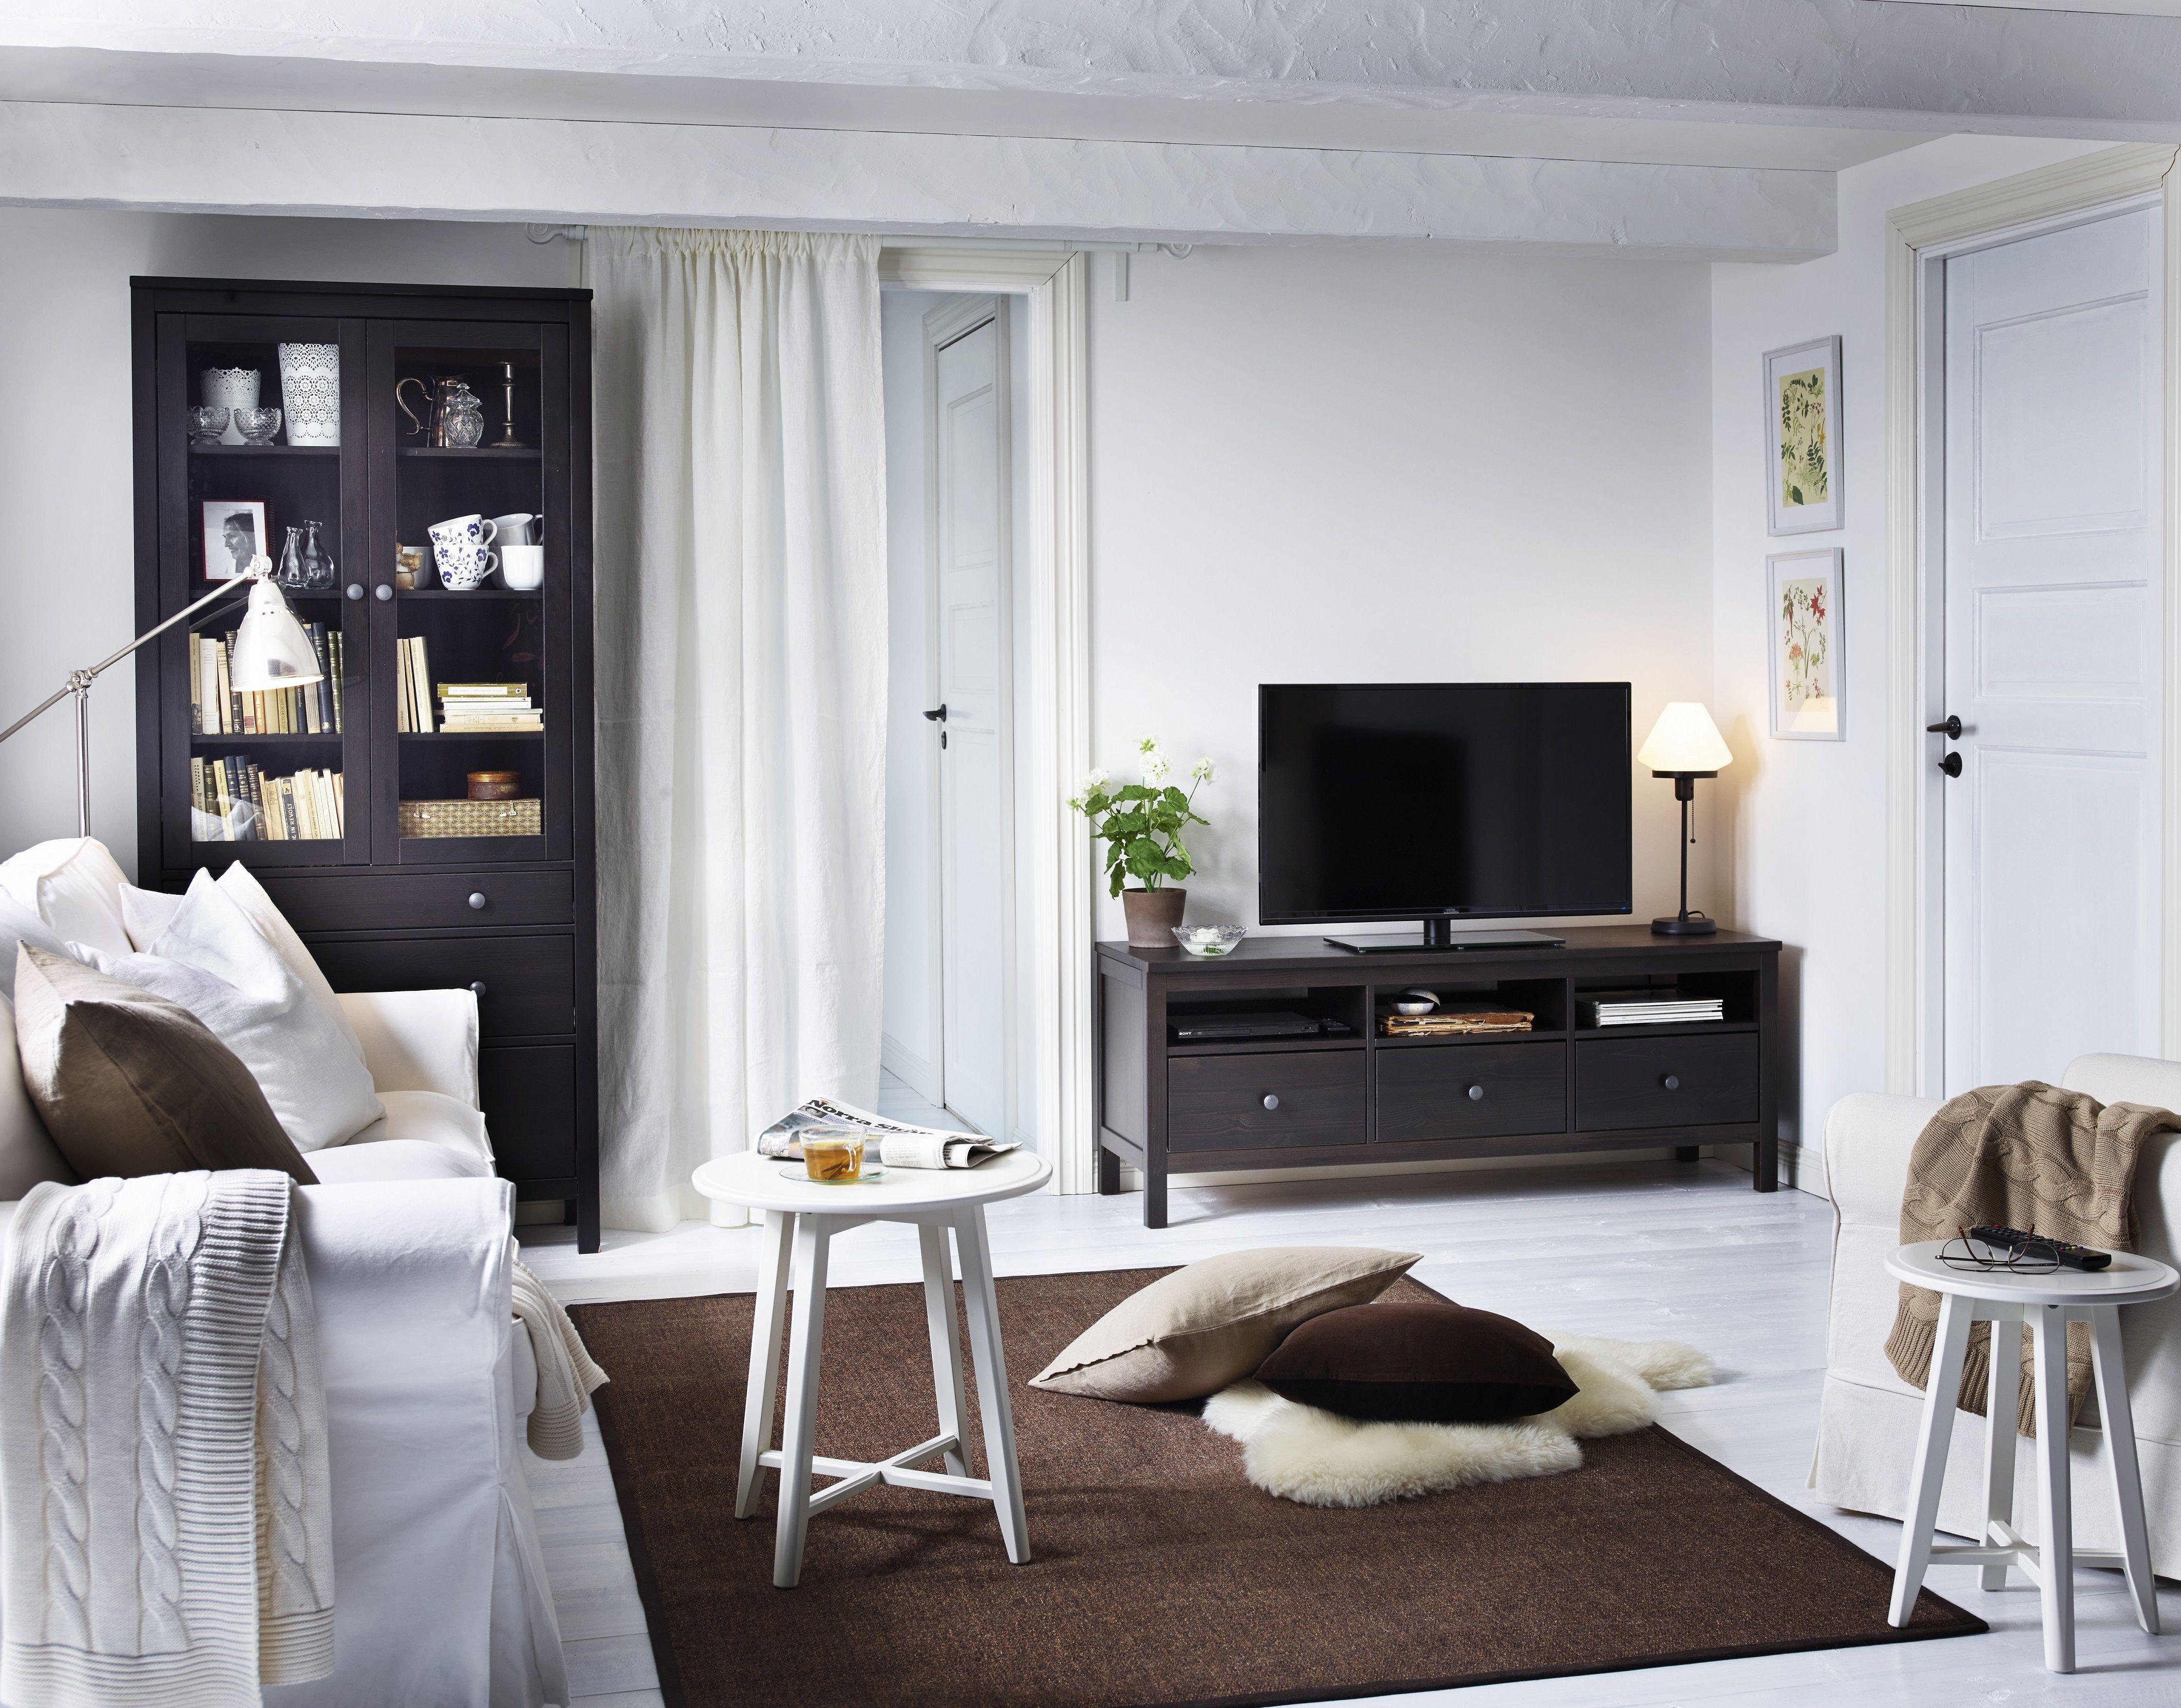 Hemnes Tv Meubel.Hemnes Tv Meubel Zwartbruin Home Ikea Living Room Living